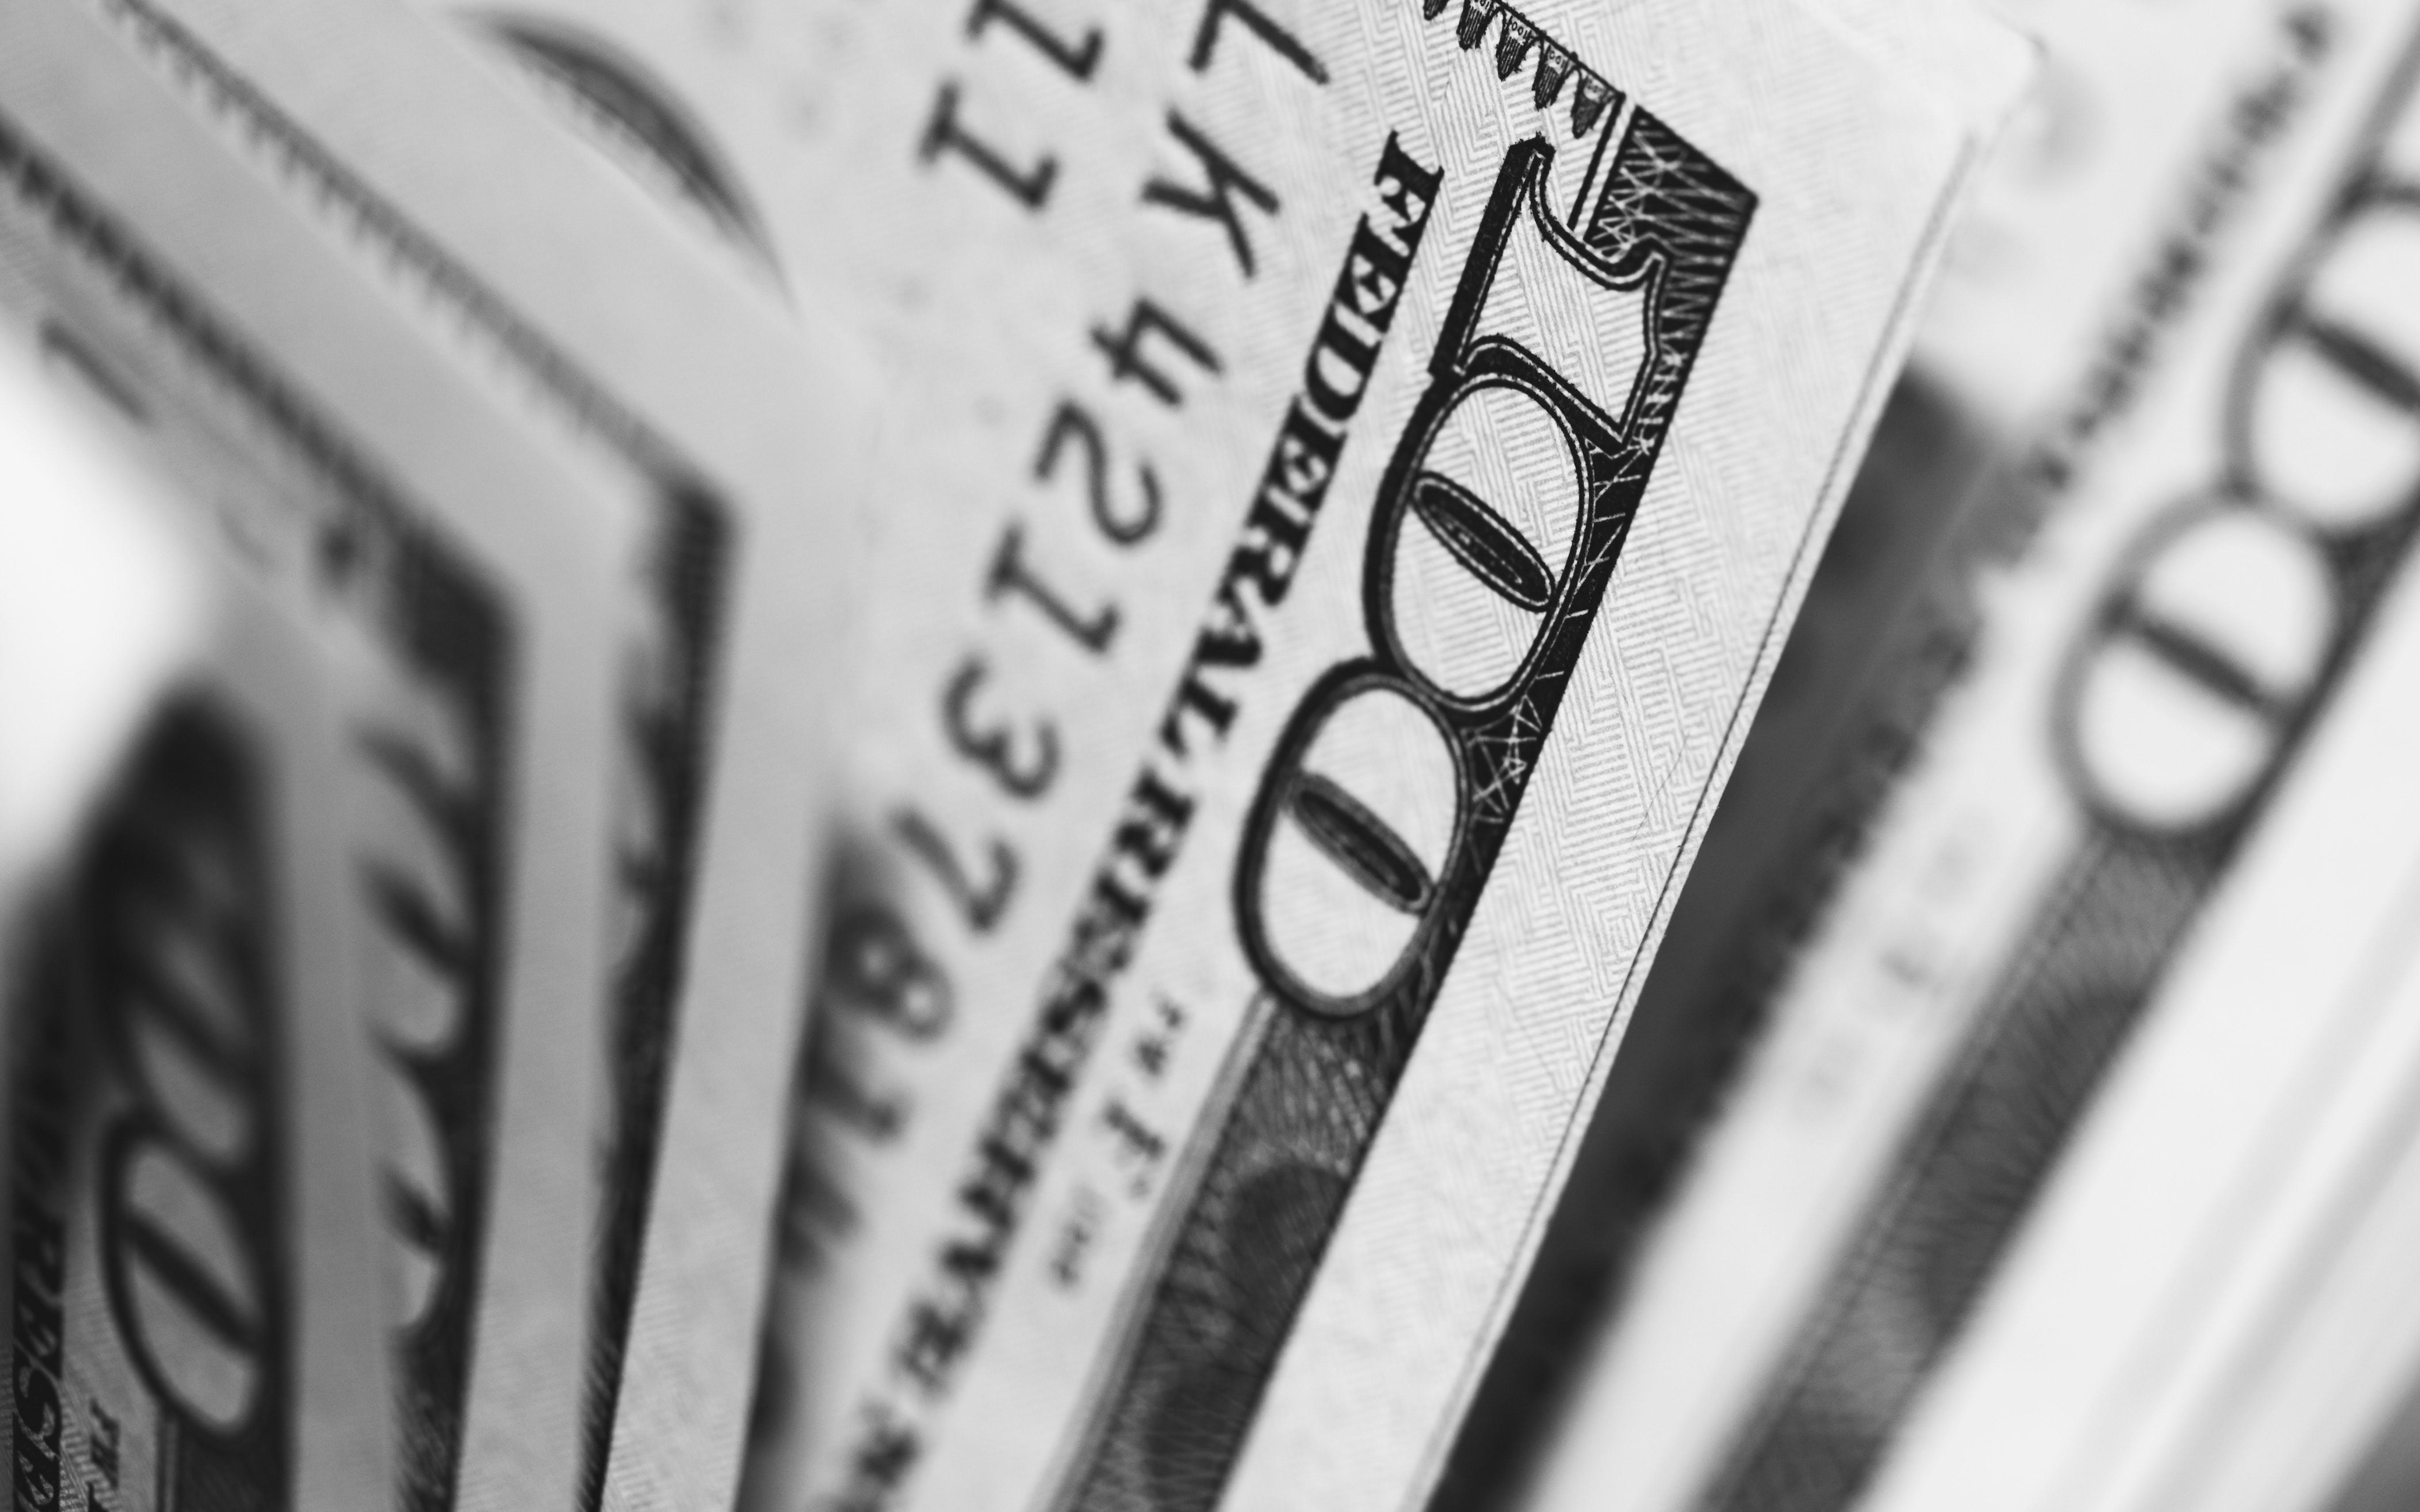 100 dollar bills US currency